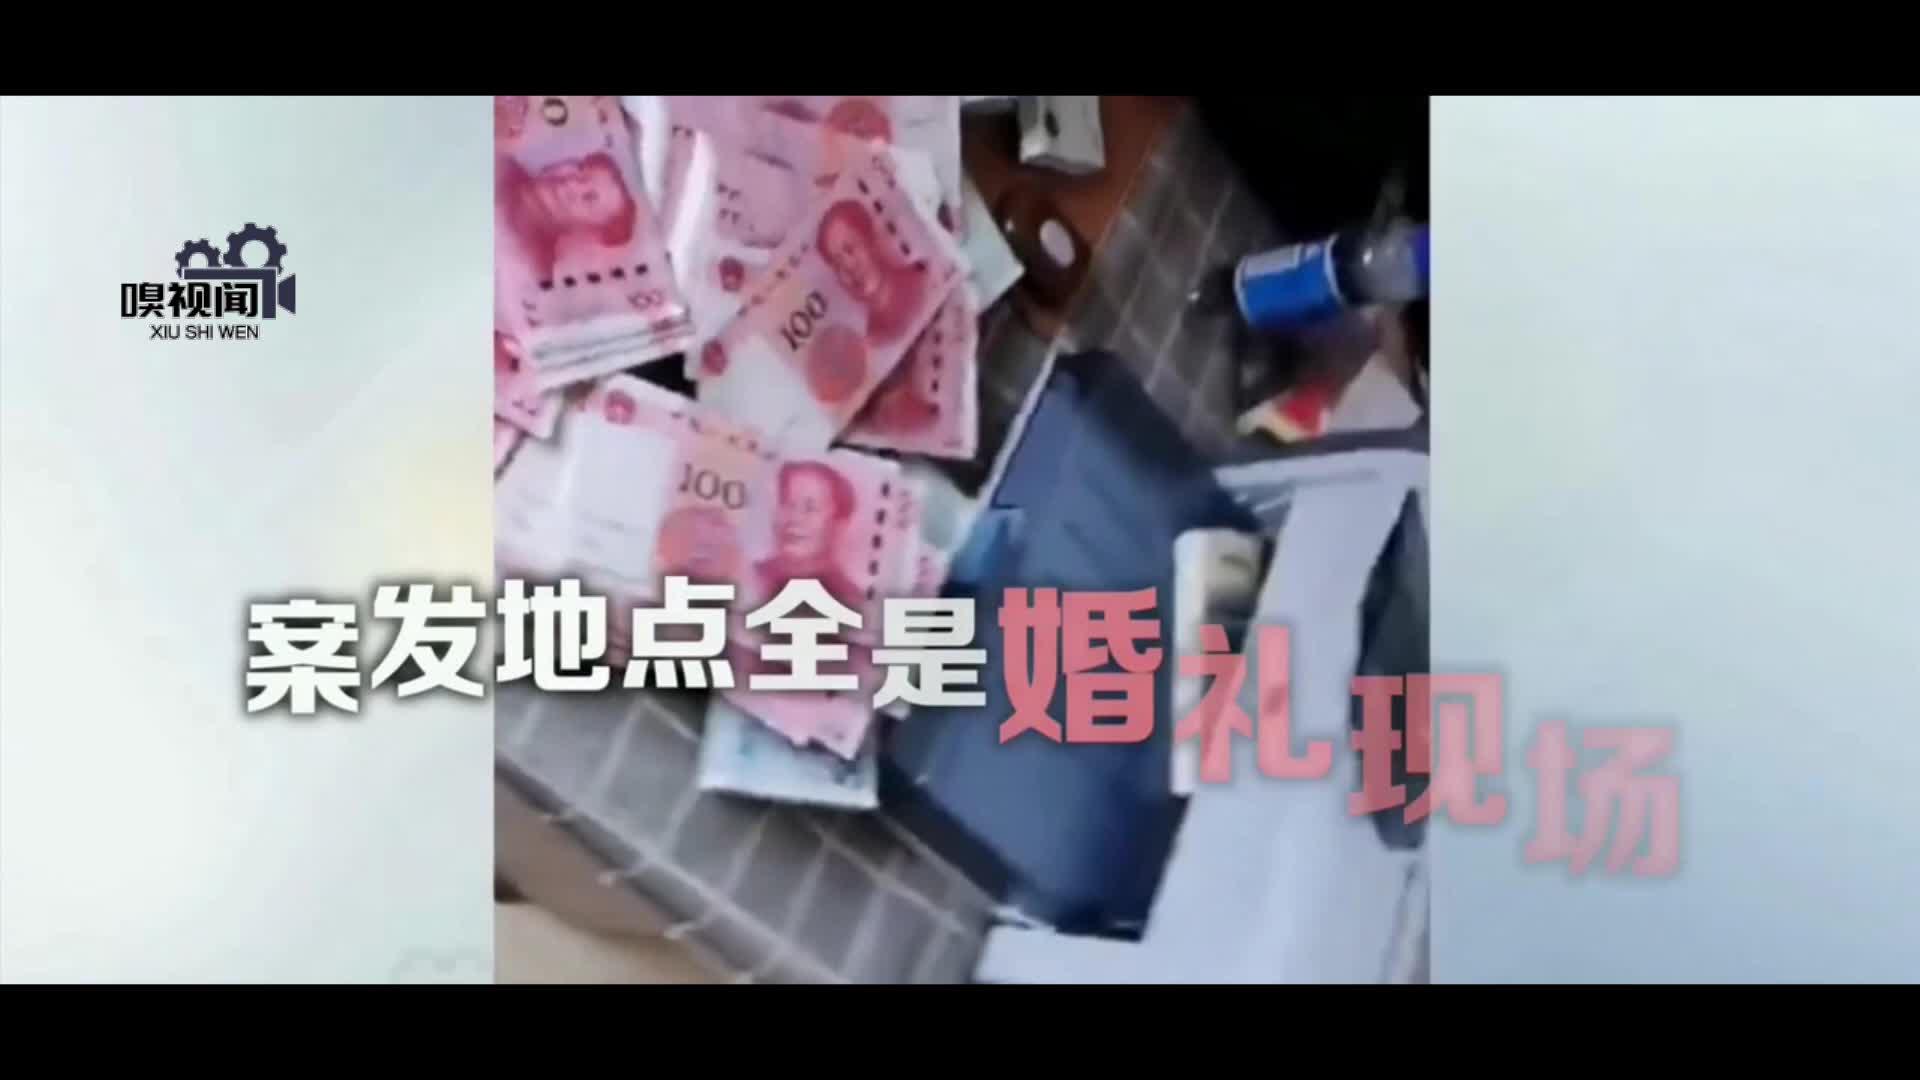 """江苏南通:3场婚礼陆续失窃十万礼金,小偷竟是这个""""内鬼"""""""